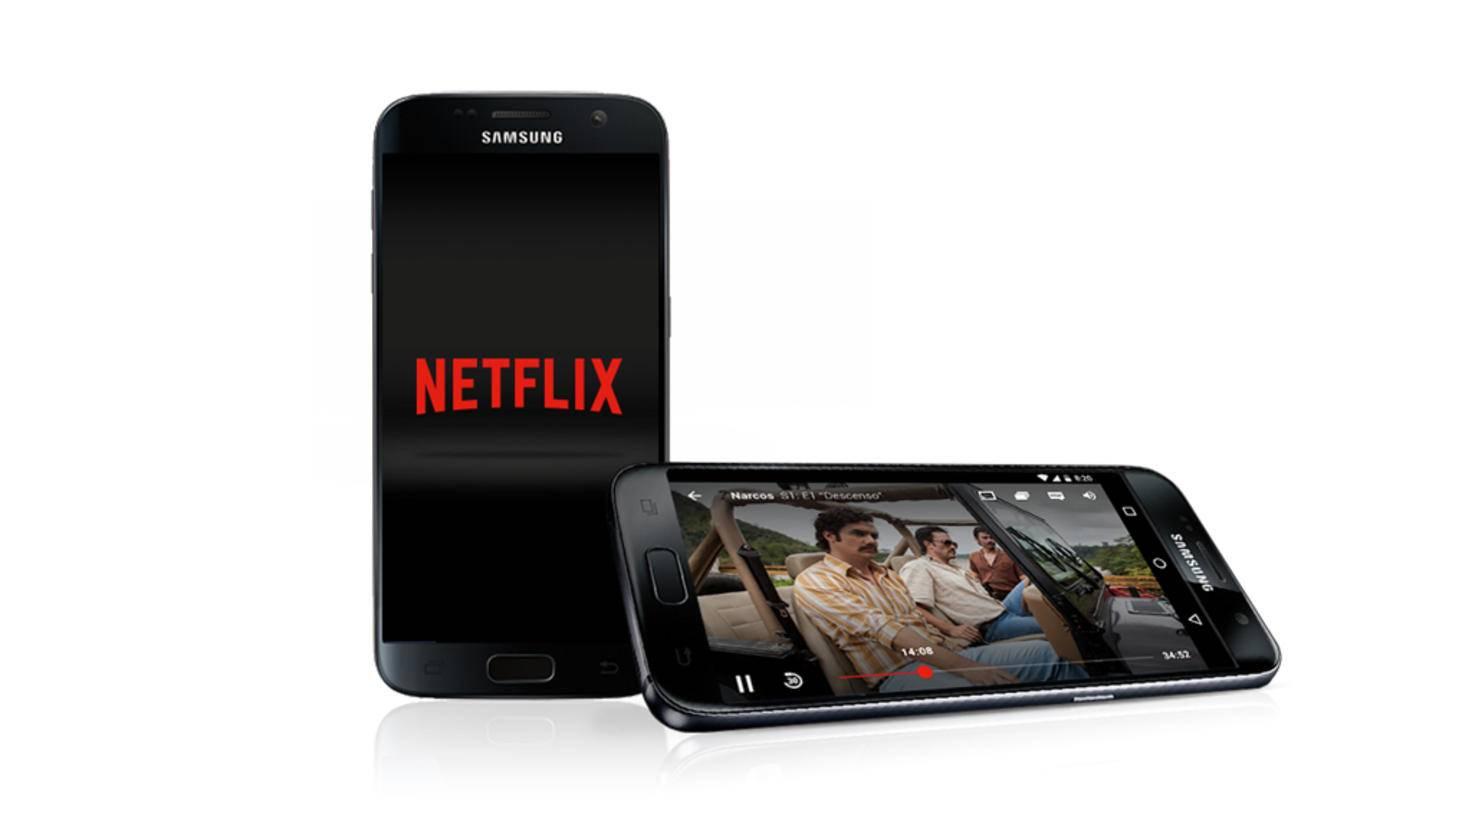 Viele Zahlungsarten führen zum Netflix-Konto.